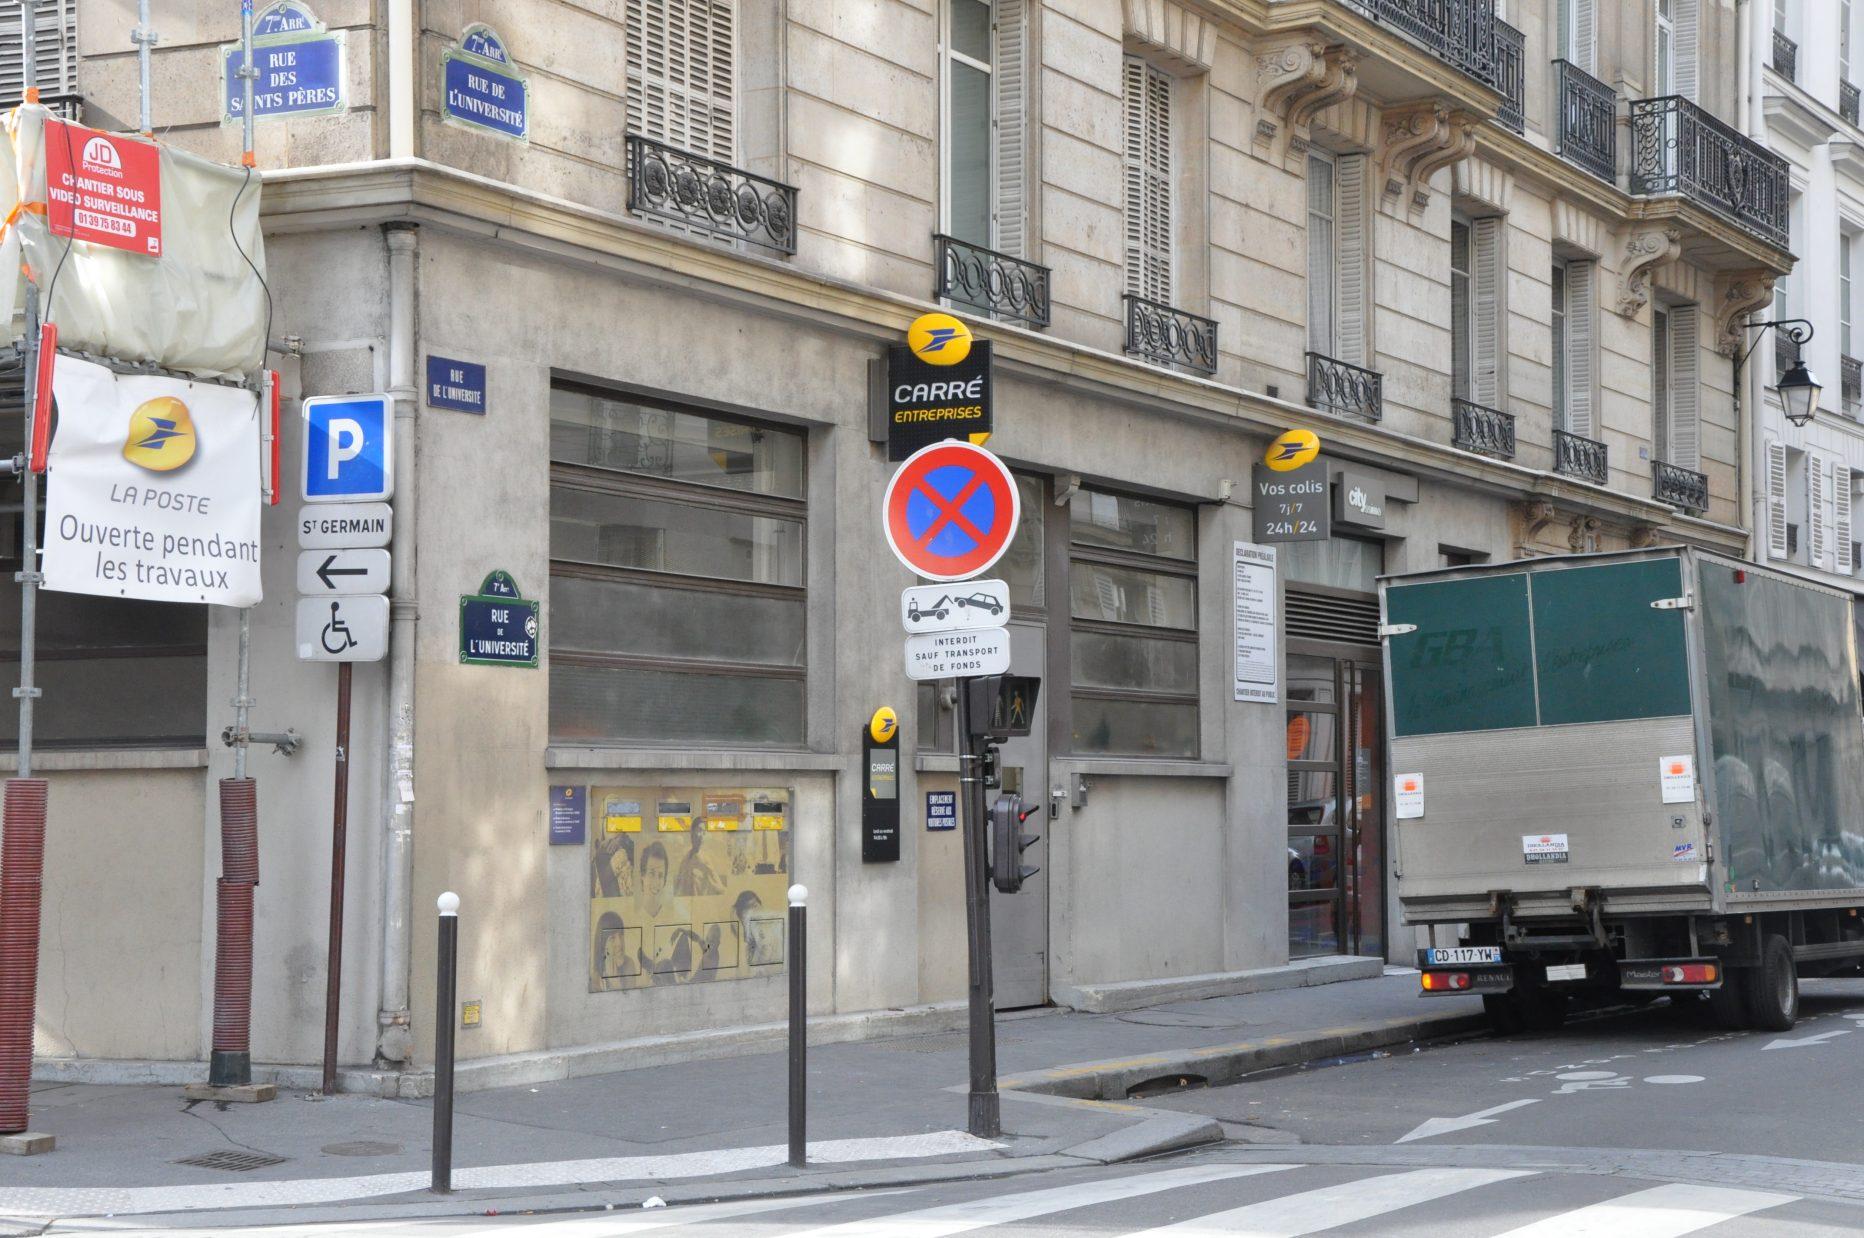 Bureau de distribution poste bureau de poste paris e le bureau